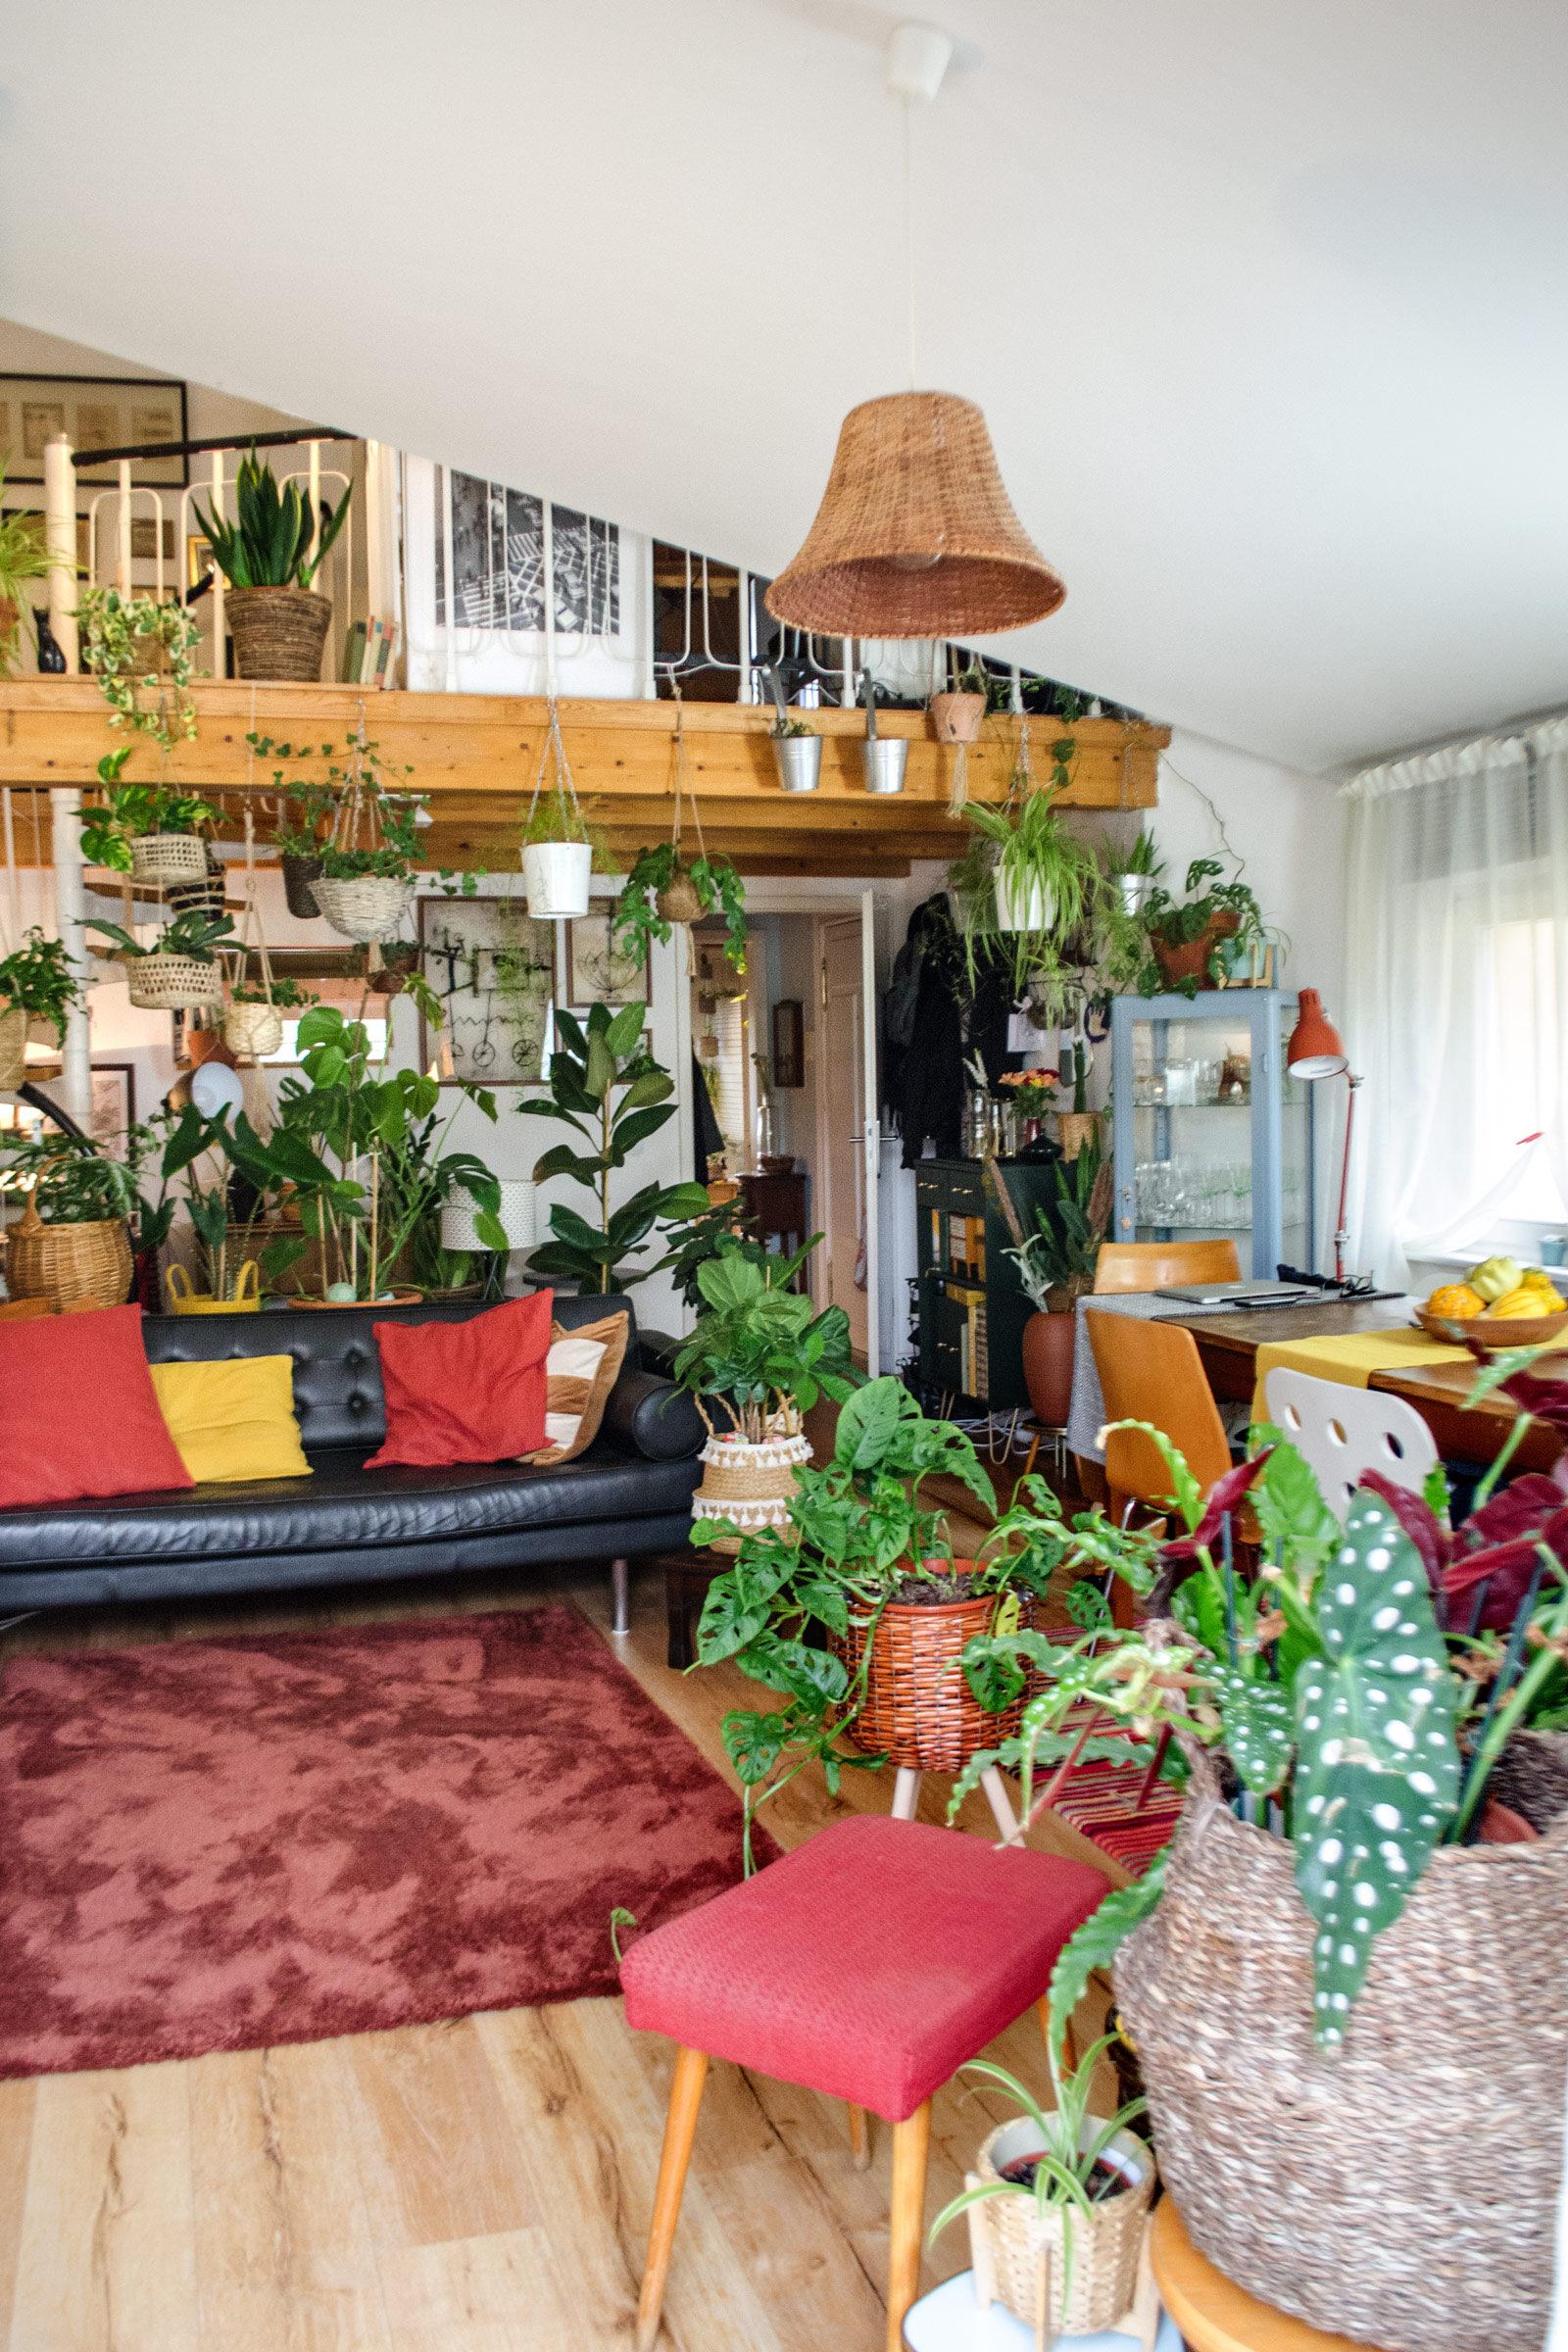 [unbezahlte werbung]Bohemian Interior Wohntrend